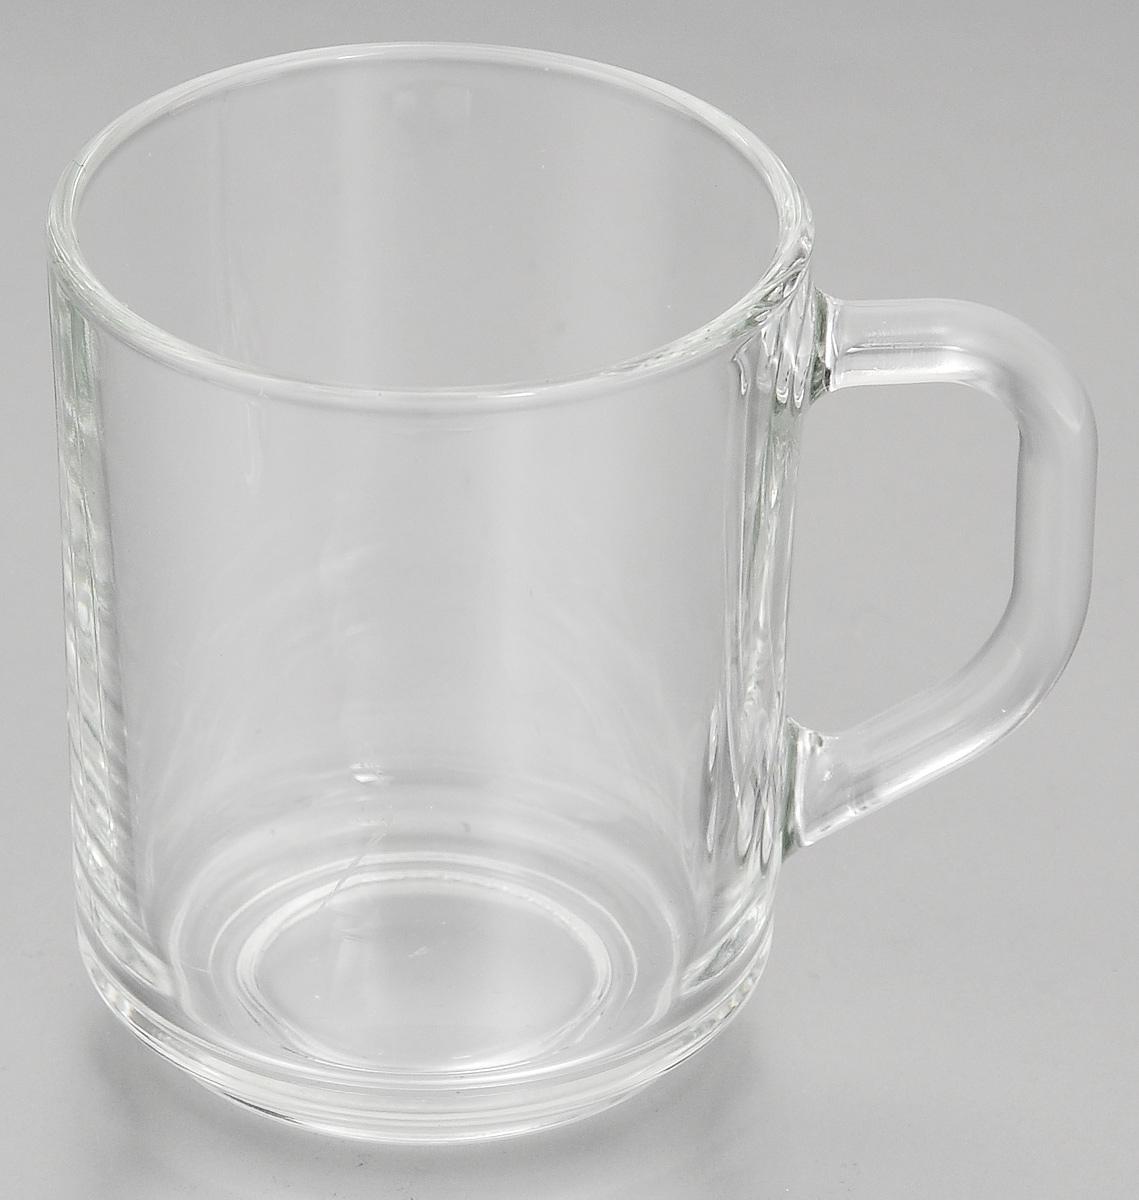 Кружка OSZ Green Tea, 200 мл07с1335Кружка OSZ Green Tea изготовлена из стекла.Изделие оснащено удобной ручкой и сочетает в себелаконичный дизайн и функциональность. Кружка OSZ Green Tea не только украсит вашкухонный стол, но и подчеркнет прекрасный вкусхозяйки.Диаметр кружки (по верхнему краю): 7,2 см.